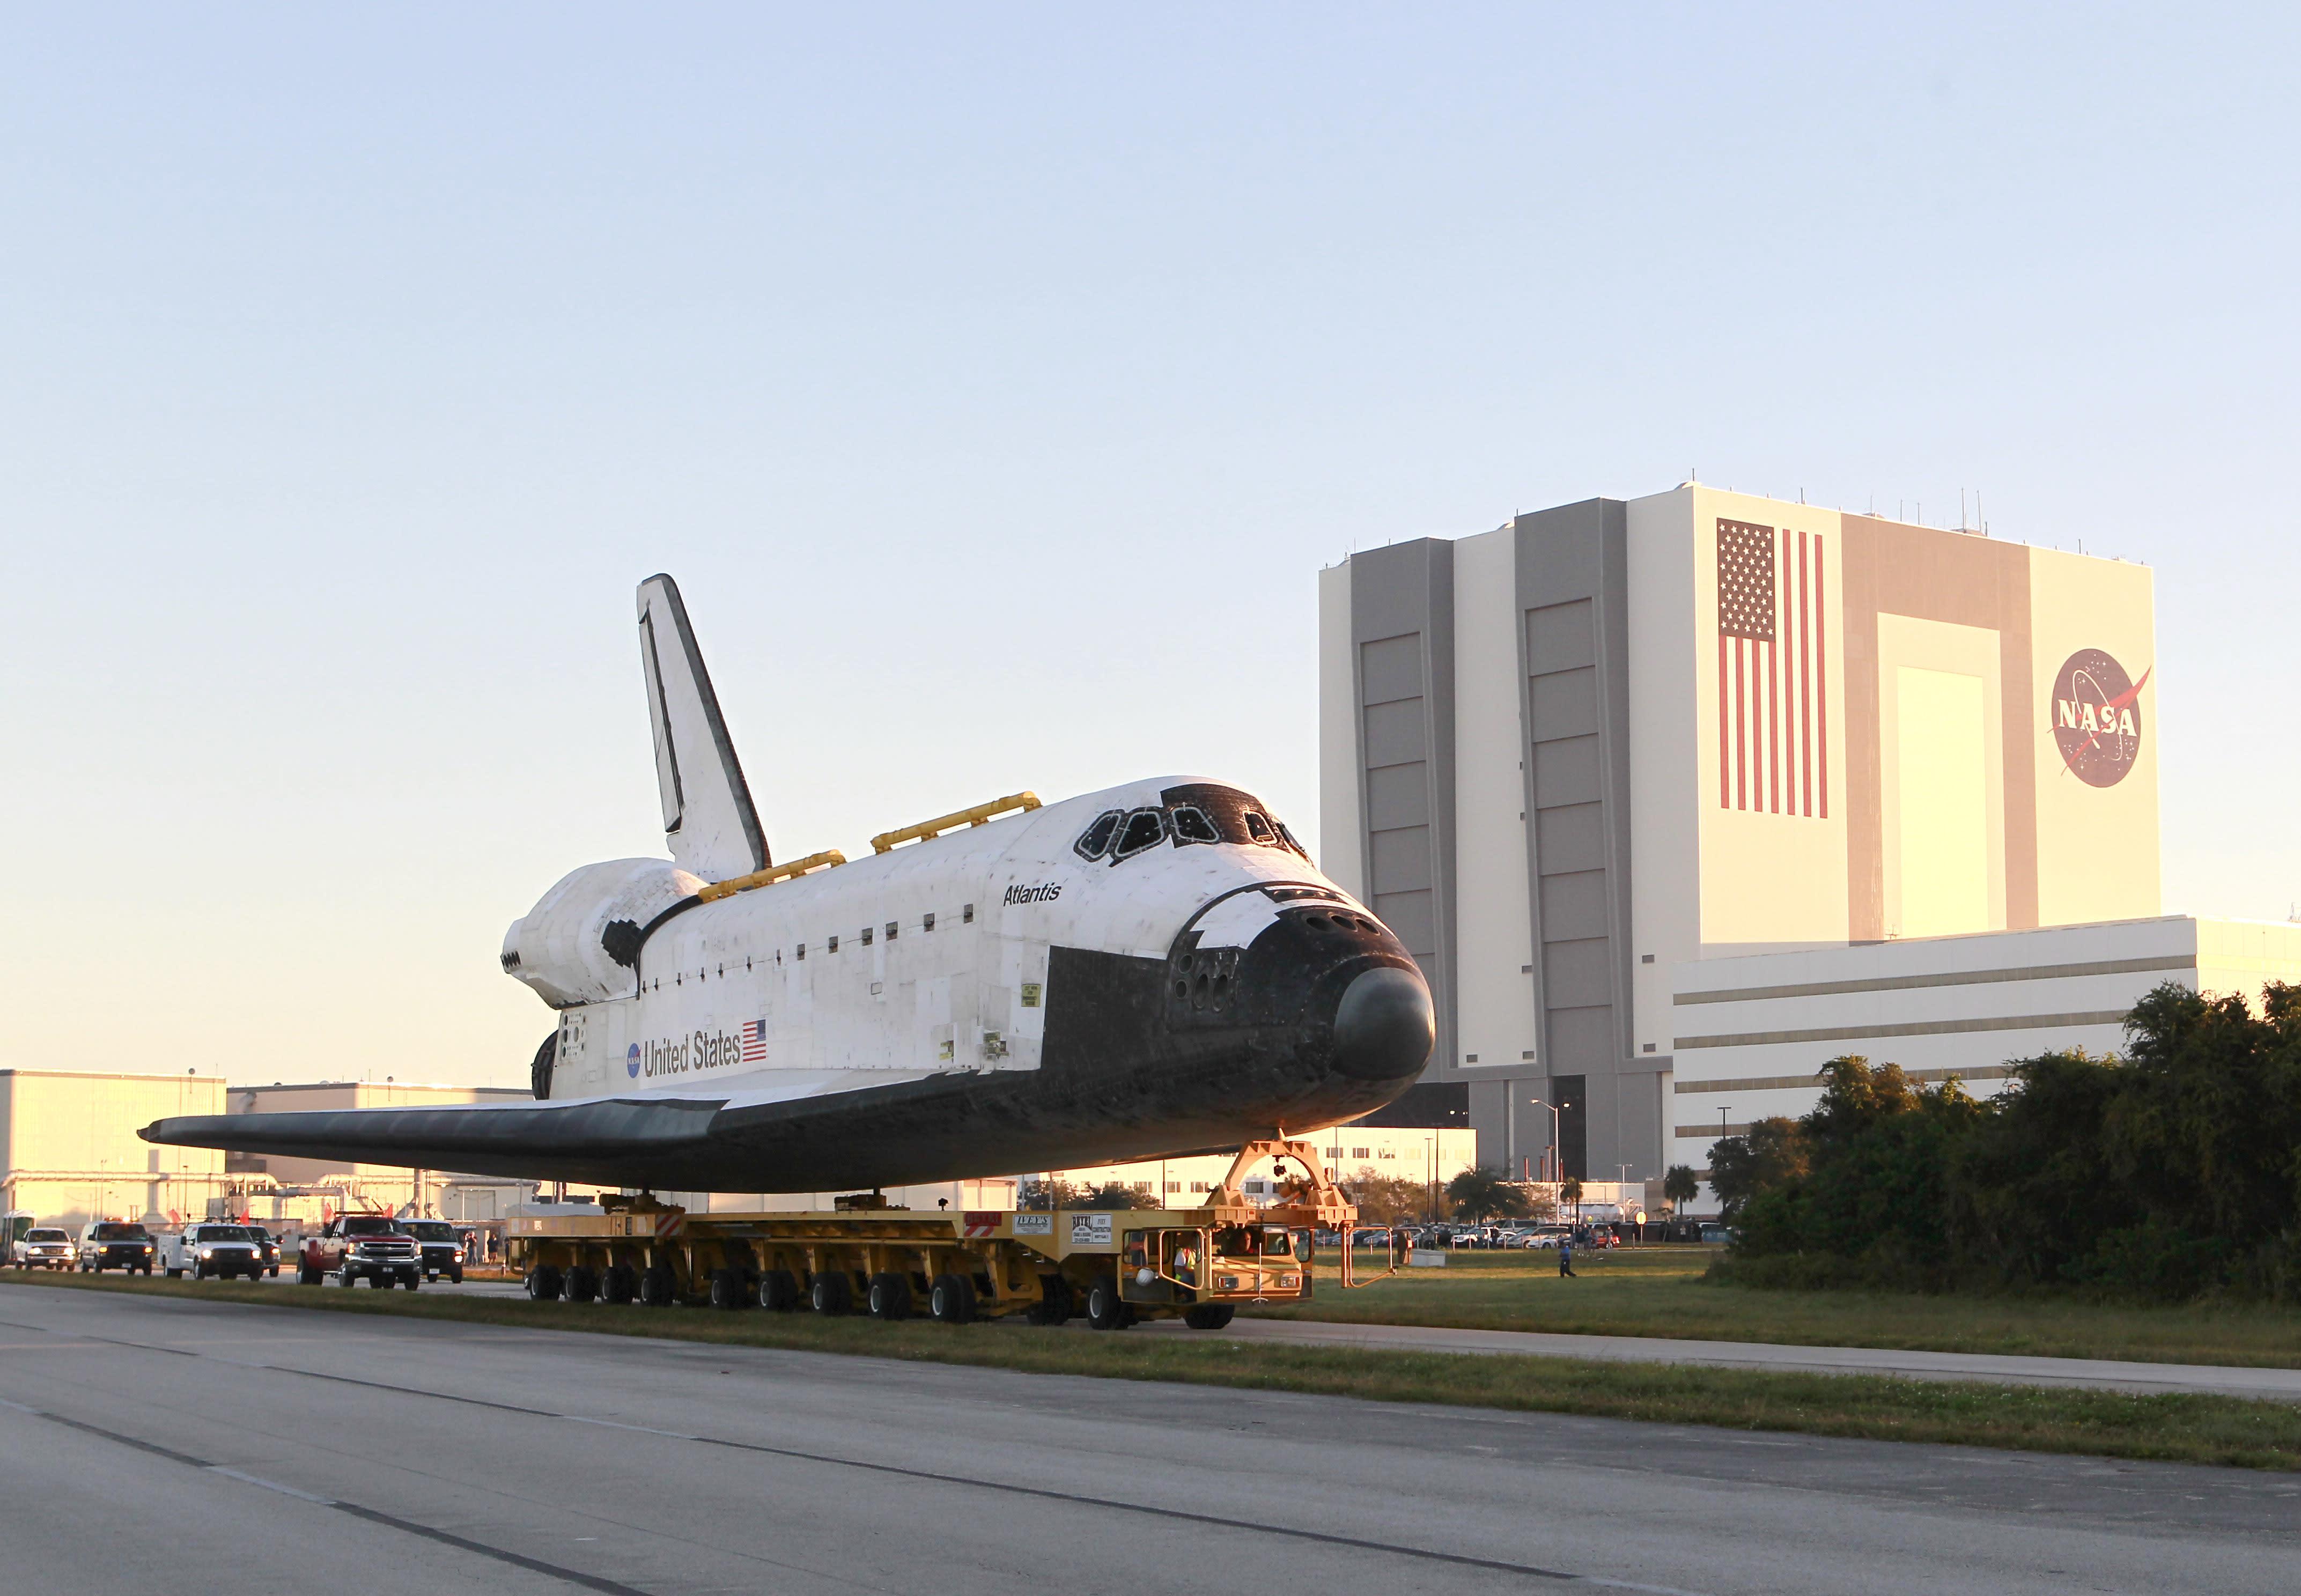 space shuttle atlantis building - photo #4